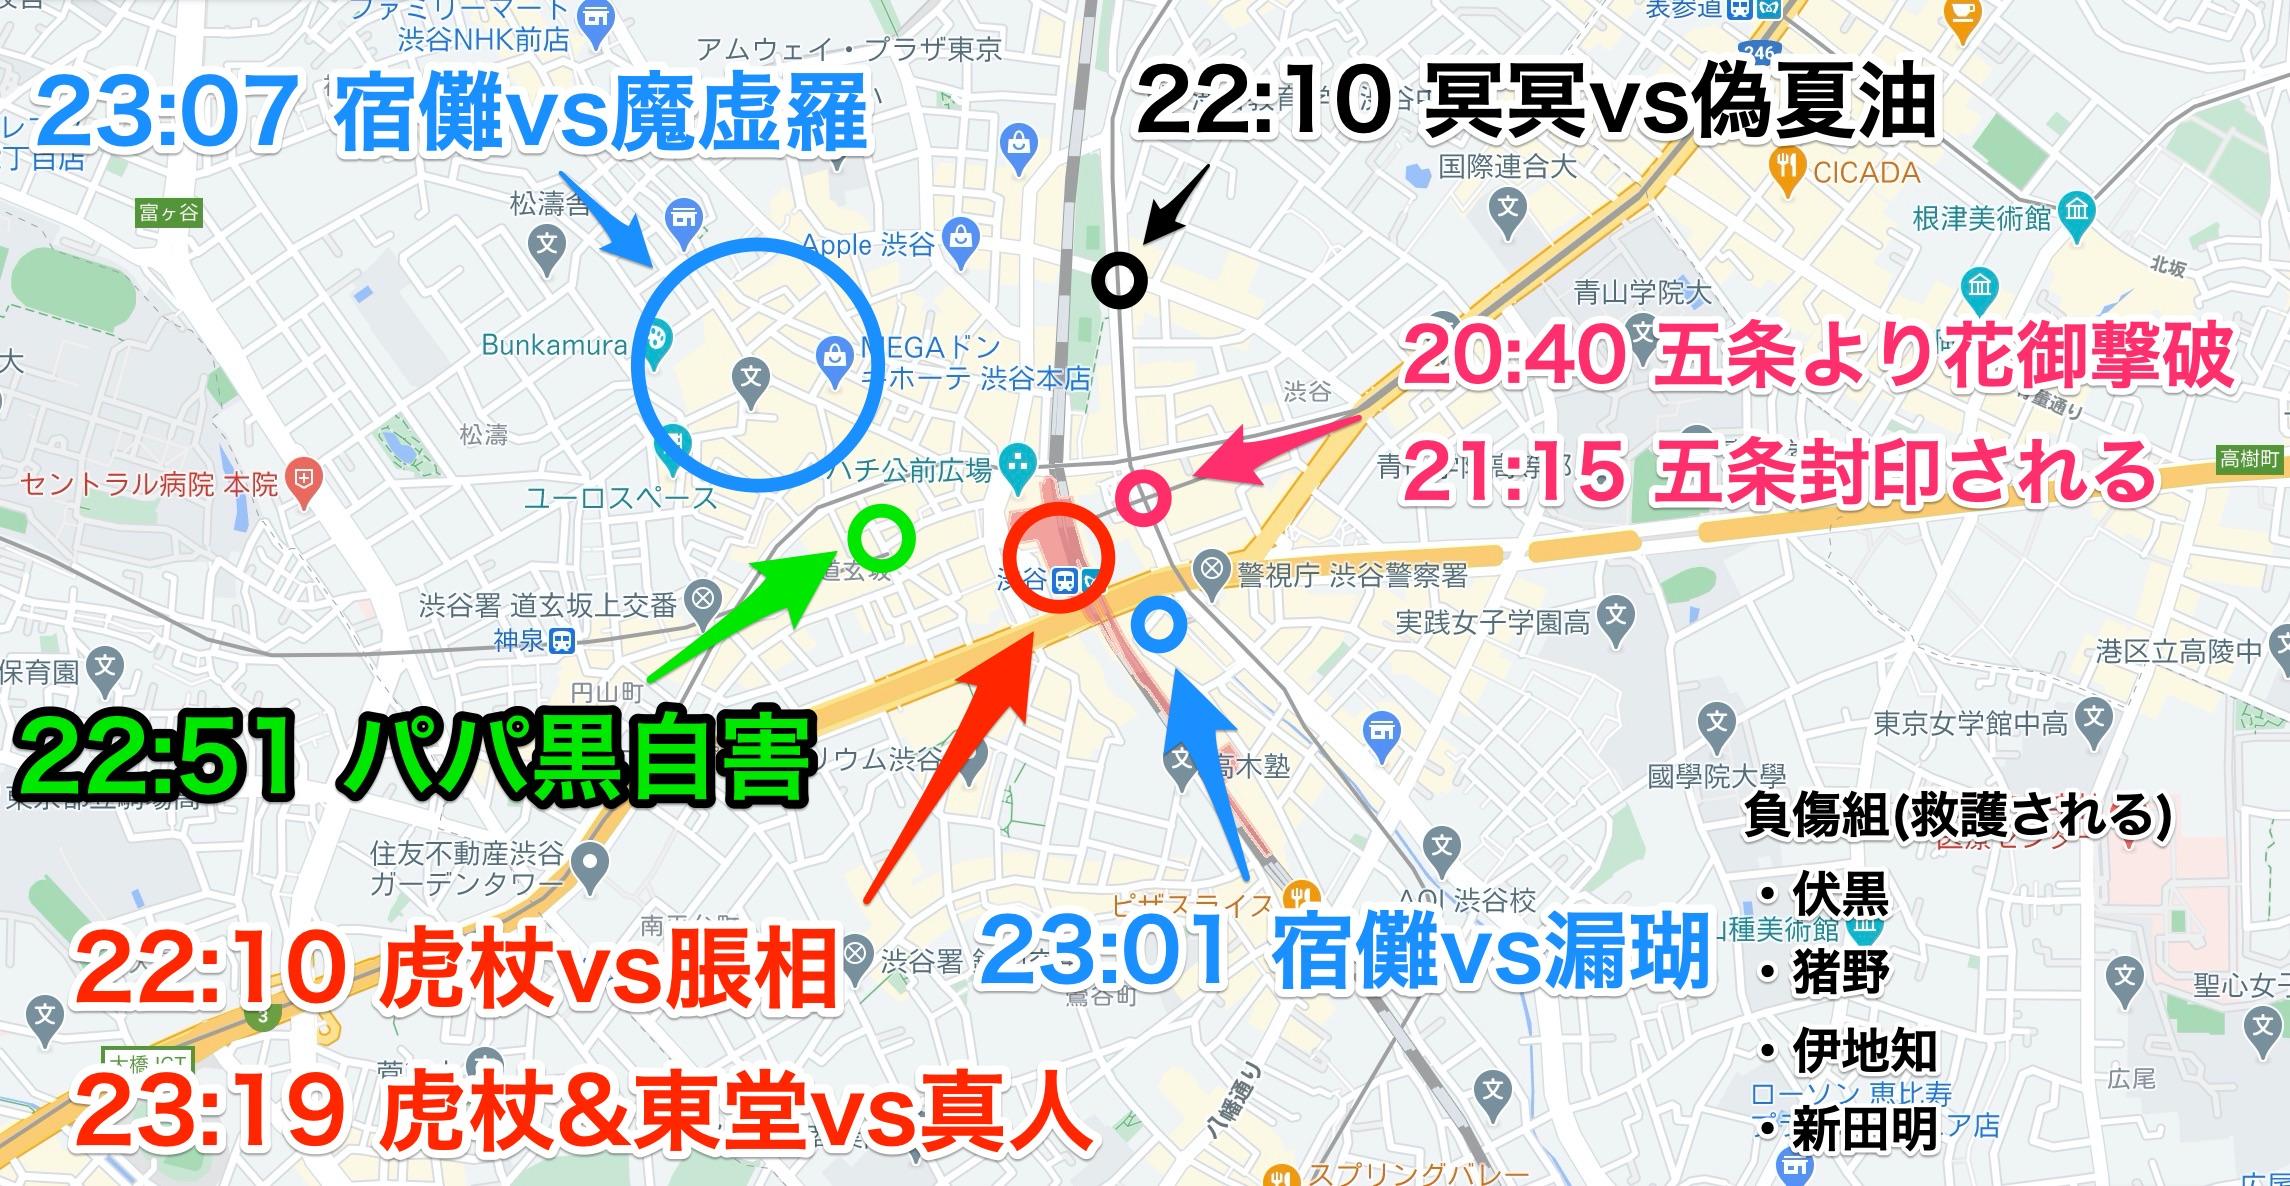 渋谷事変の場所